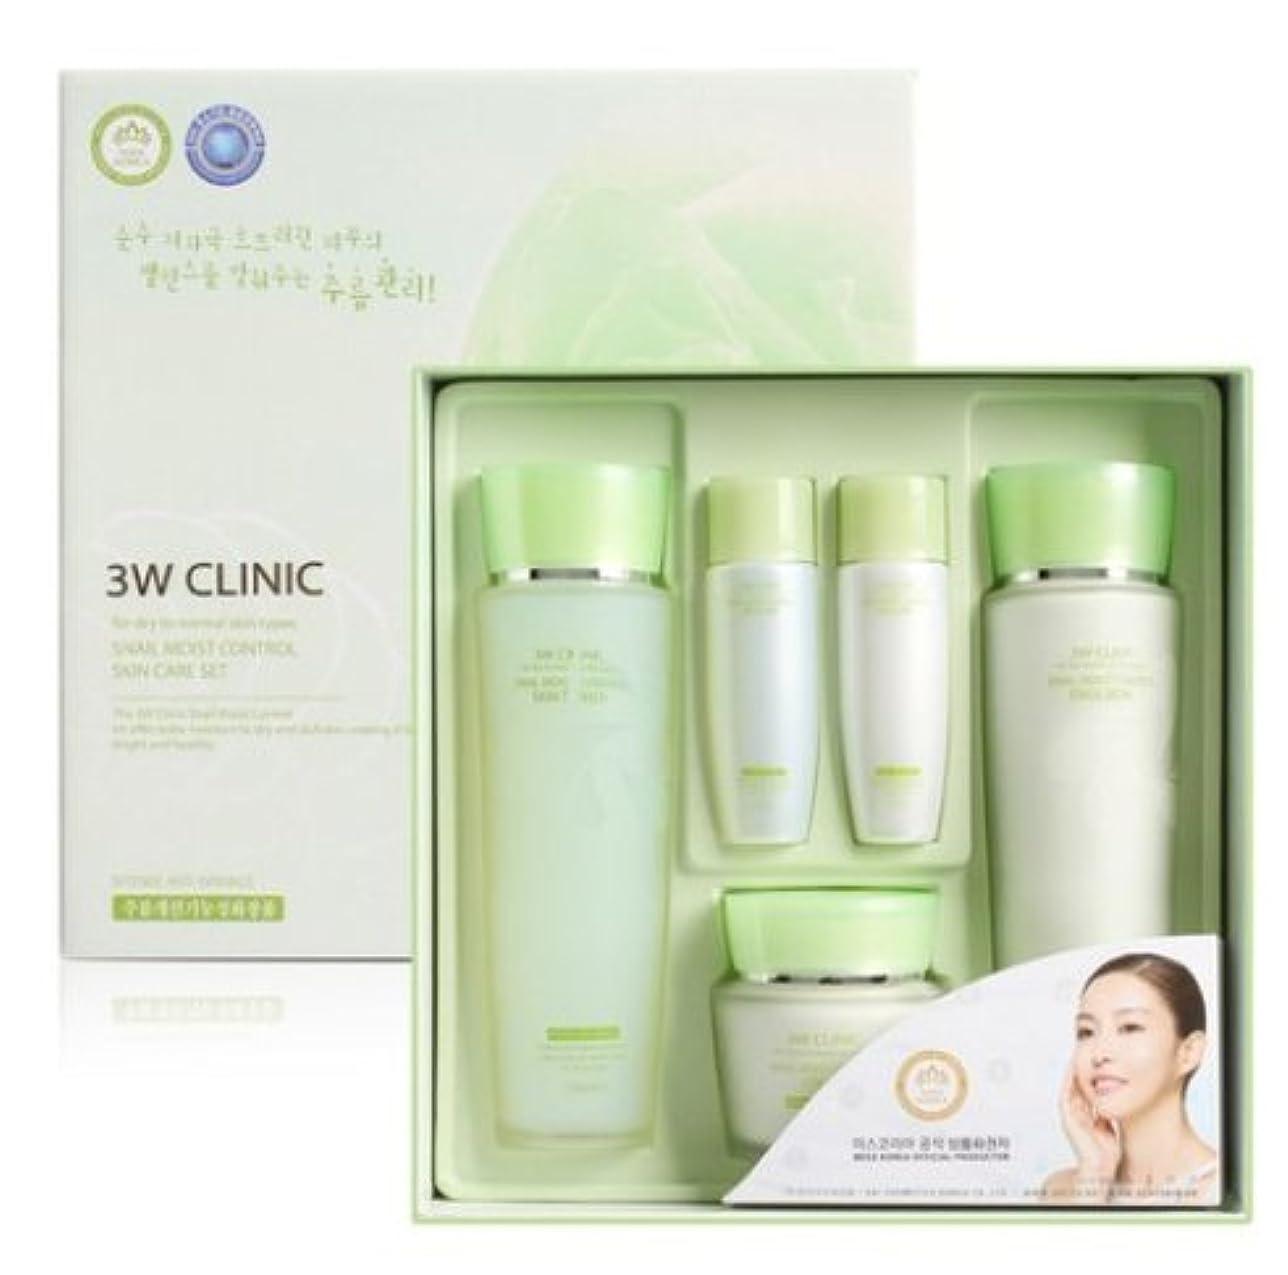 ラビリンススタックアドバイス3Wクリニック[韓国コスメ3w Clinic]Snail Moist Control Skin Care Set カタツムリモイストコントロールスキンケア3セット樹液,乳液,クリーム [並行輸入品]